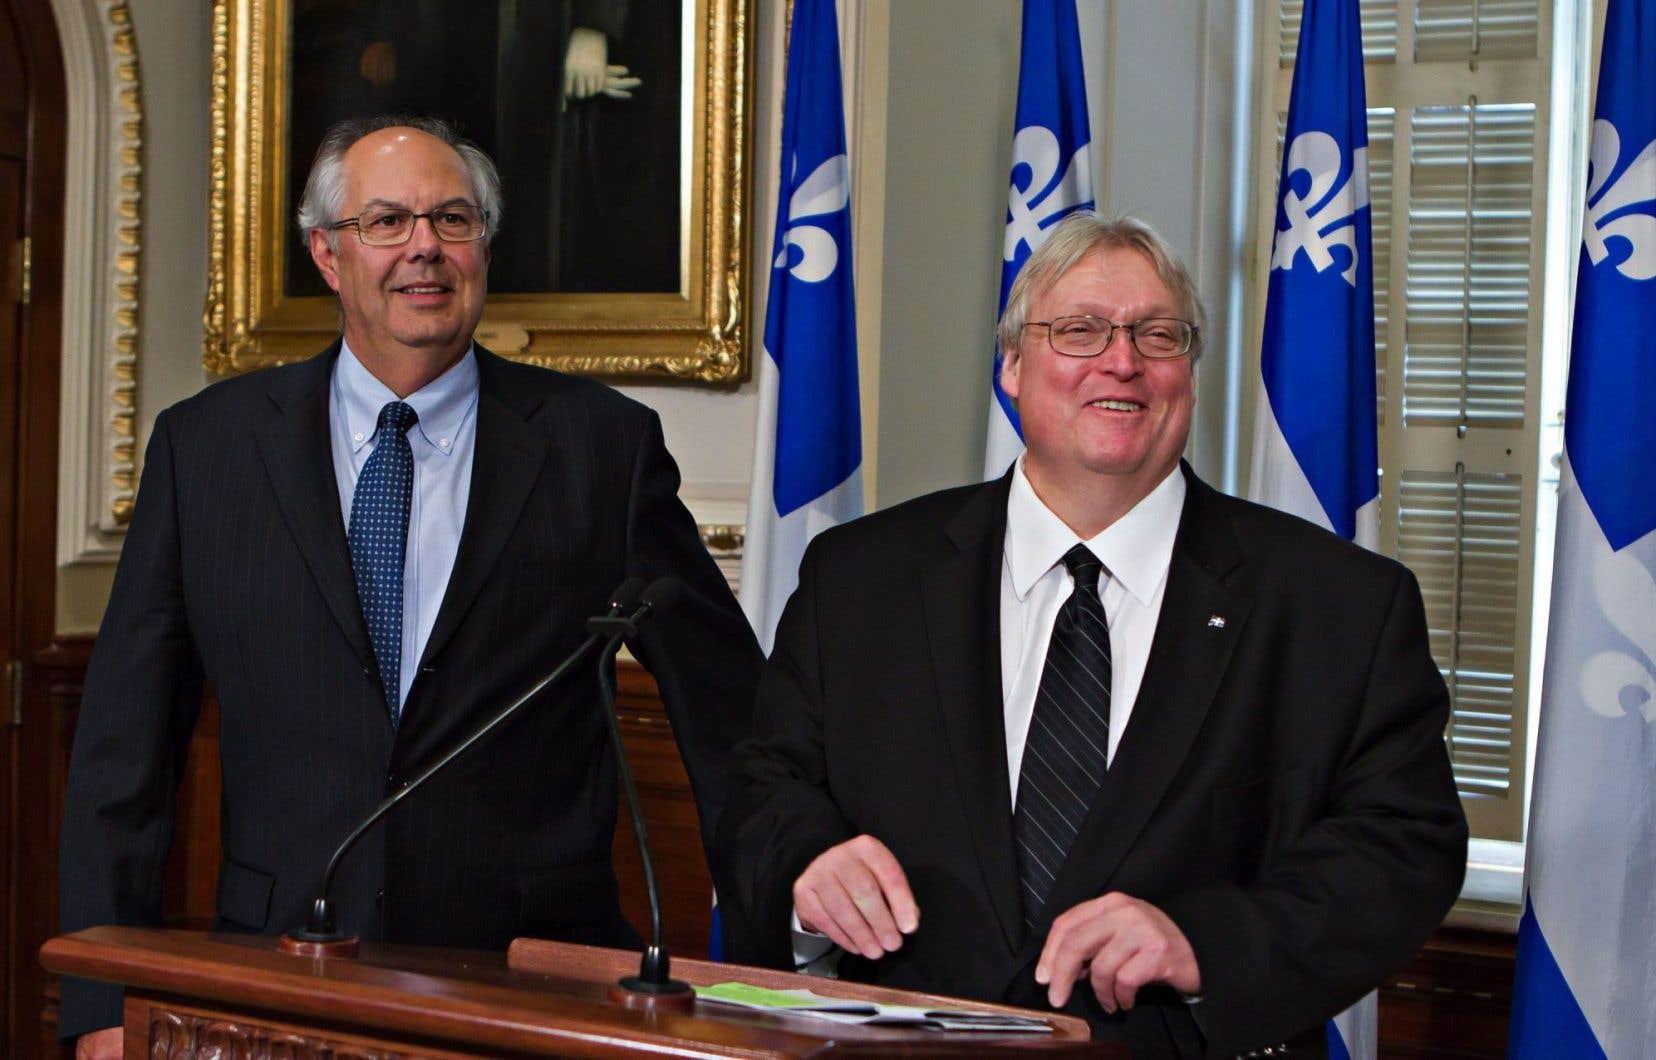 Le président de la Fédération des médecins omnipraticiens, Louis Godin, en compagnie du ministre de la Santé Gaétan Barrette, lors de l'annonce de l'entente